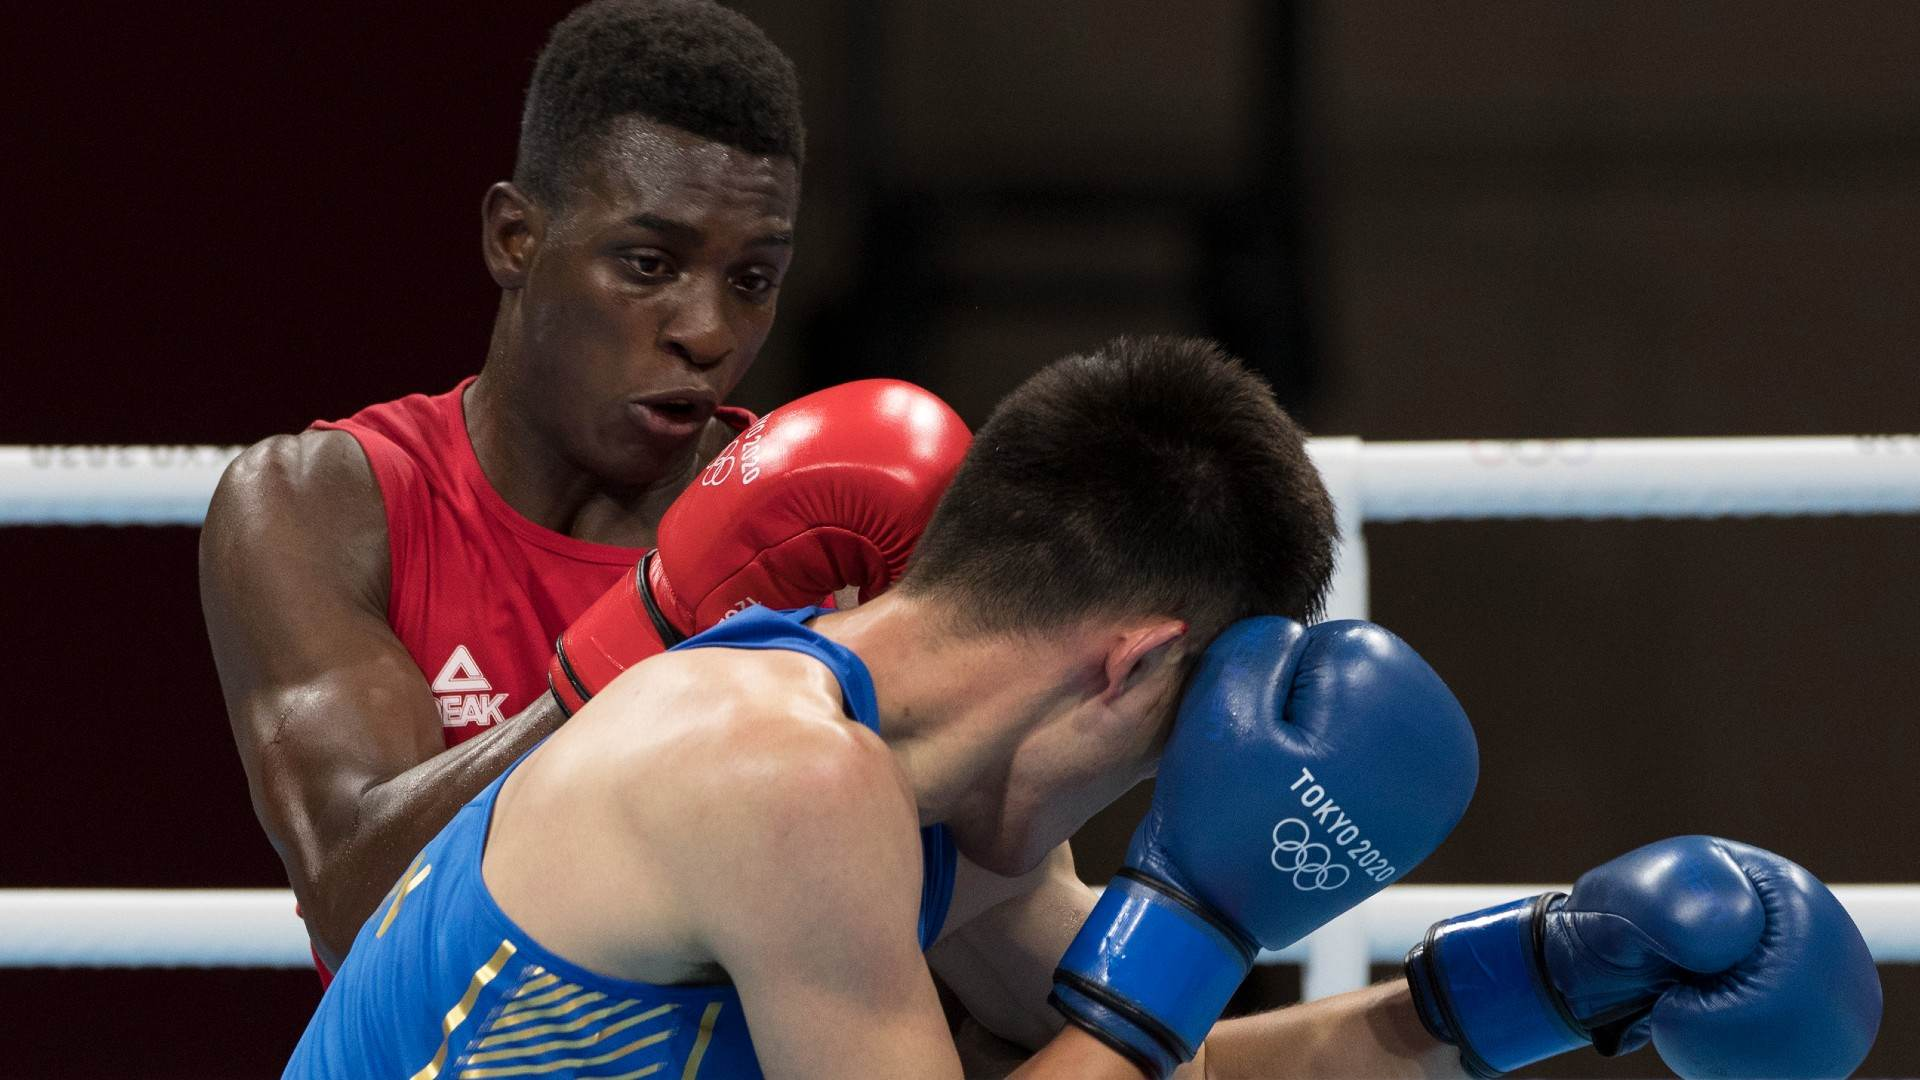 Keno Marley Machado venceu na estreia e avançou para quartas de final no boxe